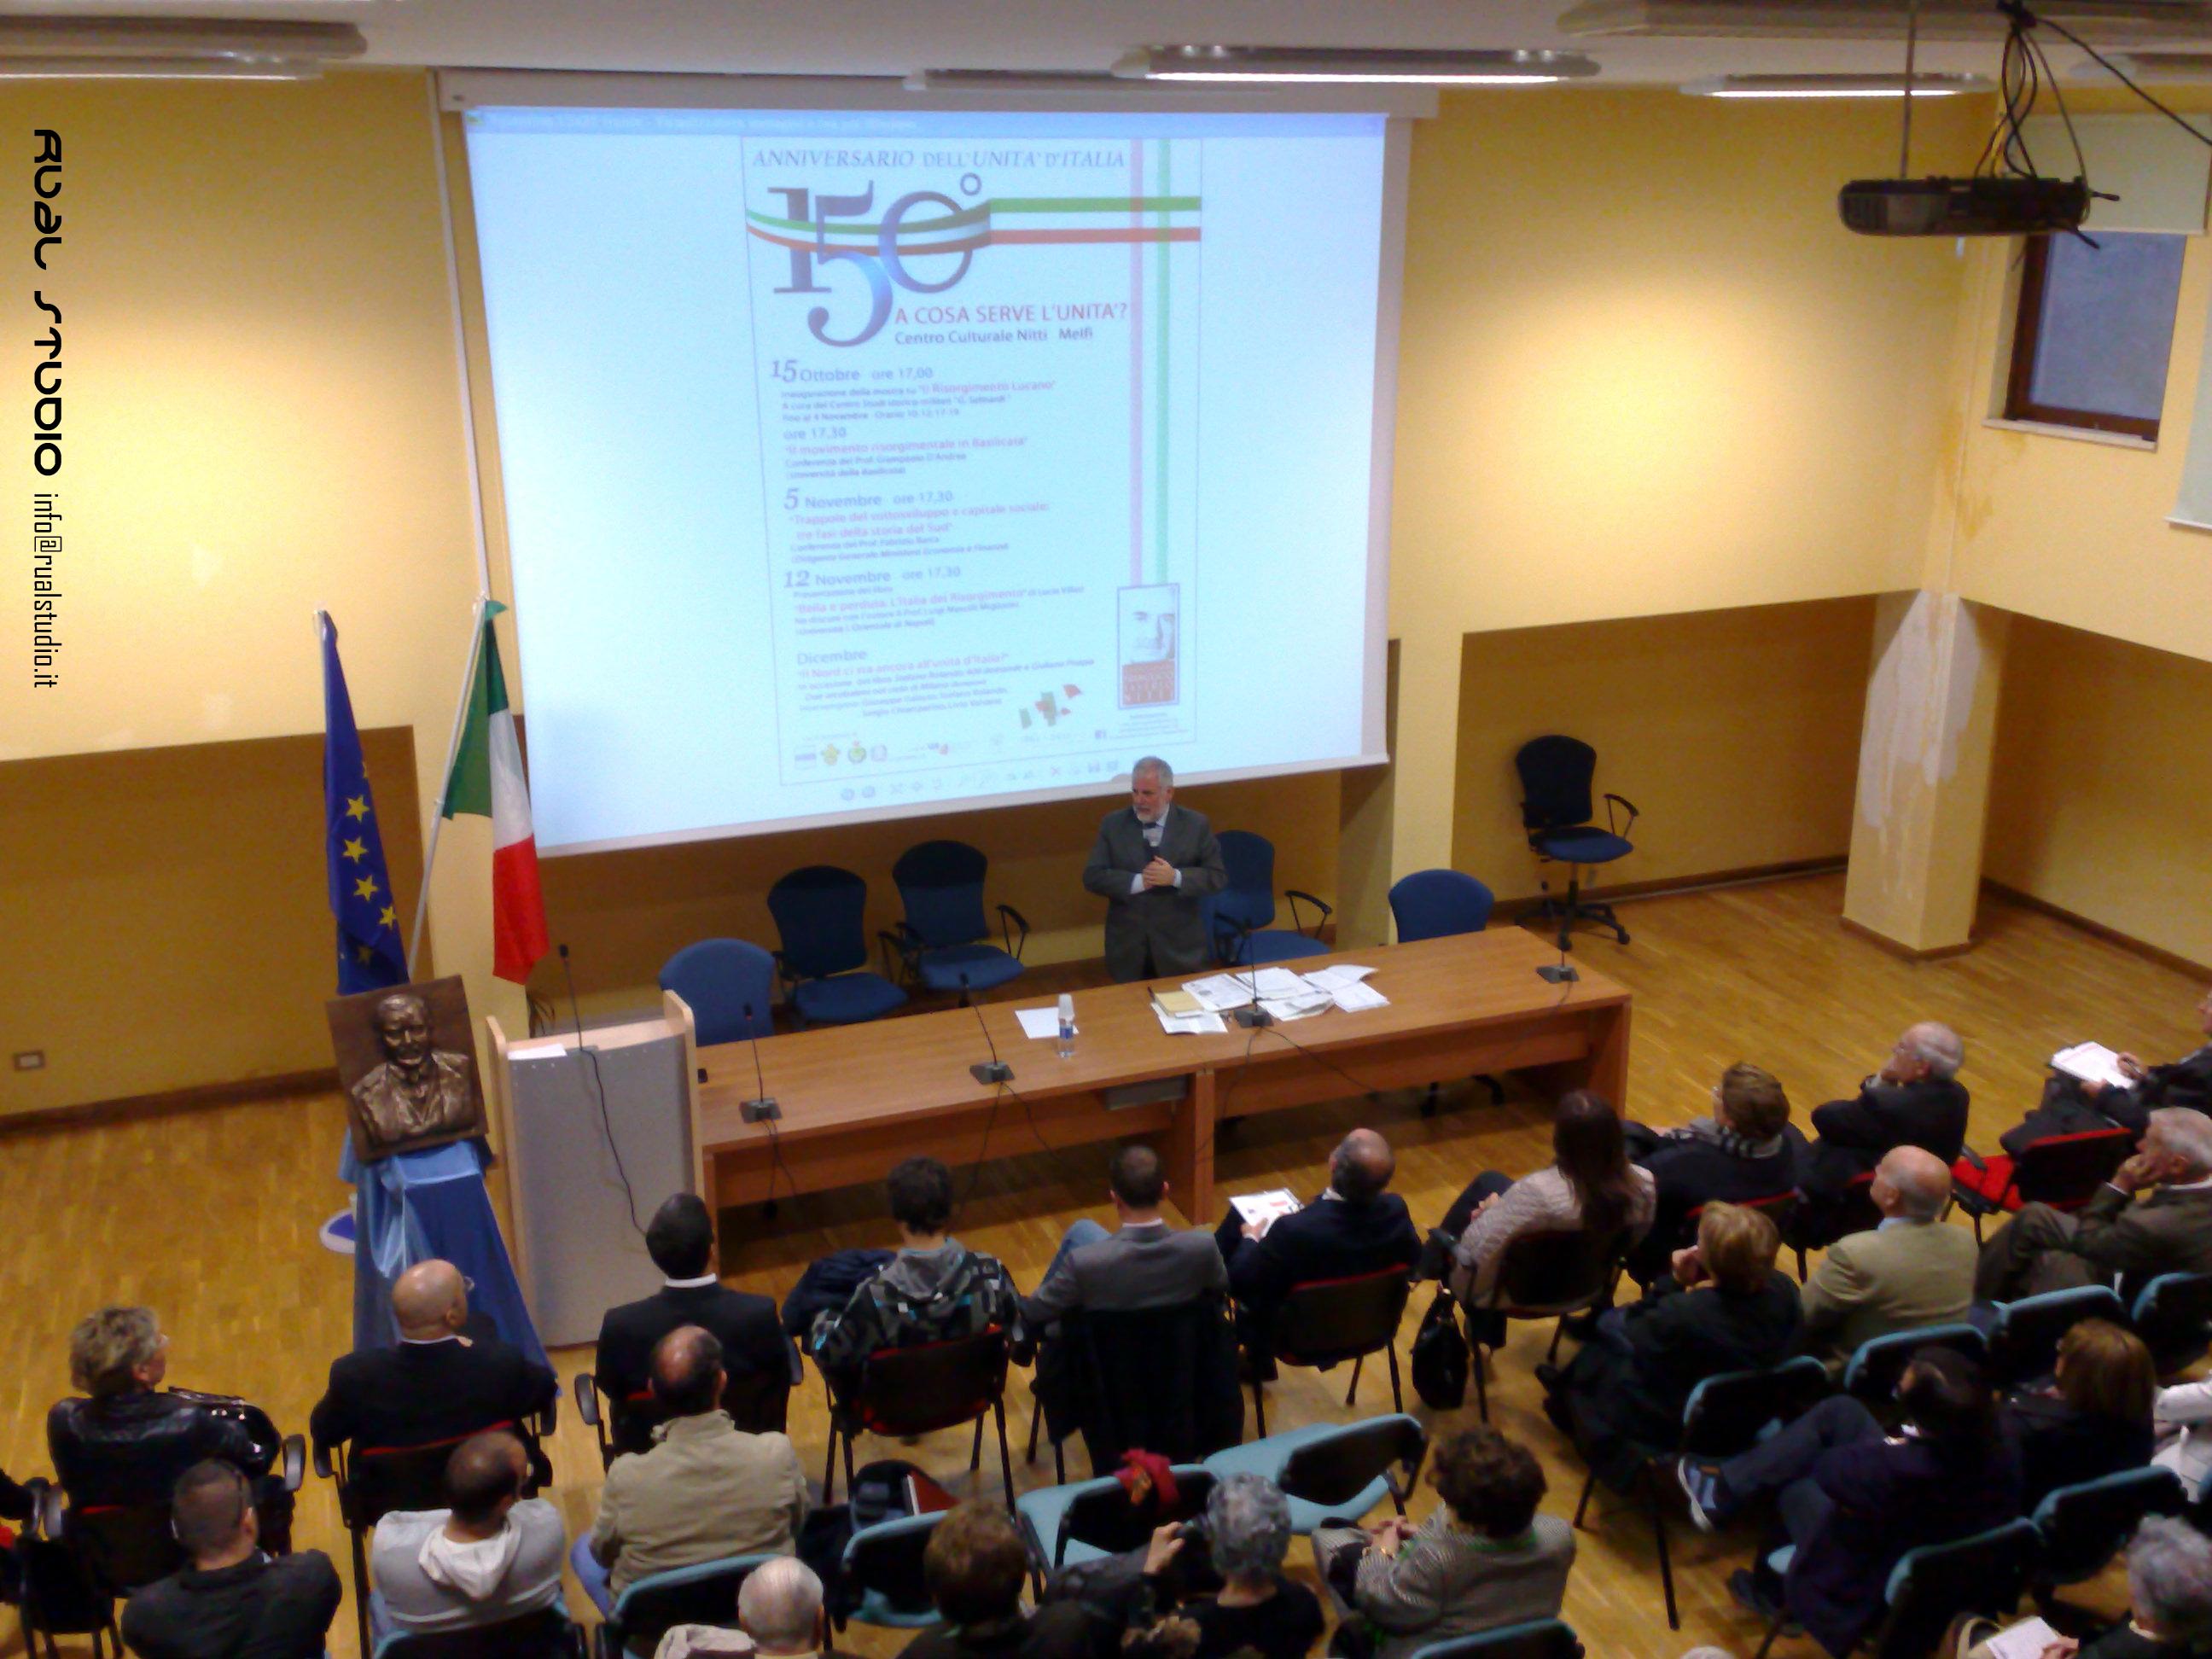 Conferenza Prof. D'Andrea